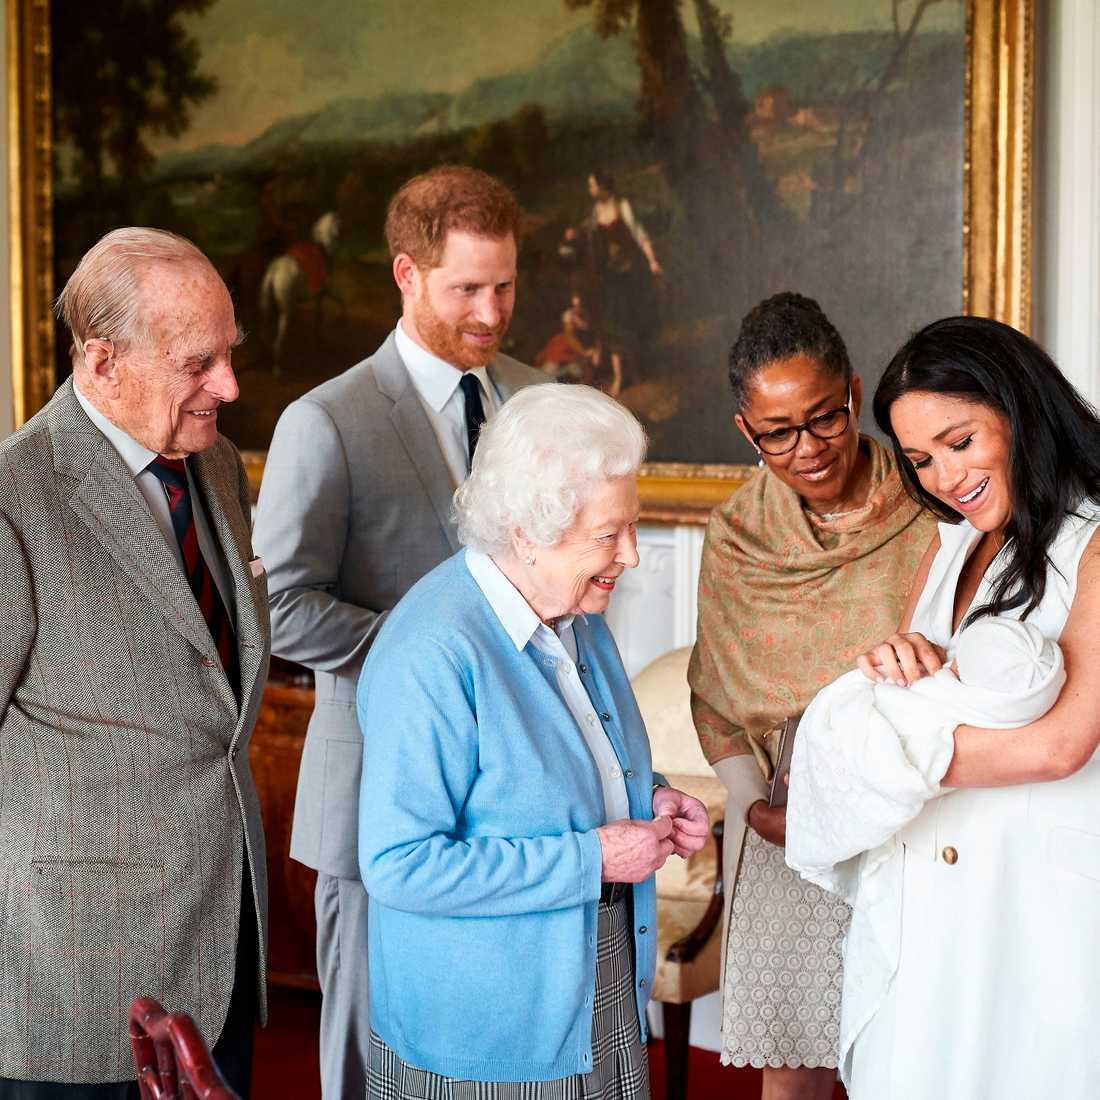 Prins Harrys och Meghan Markles son Archie Harrison Mountbatten-Windsor begåvades inte med nån kunglig titel när han föddes.